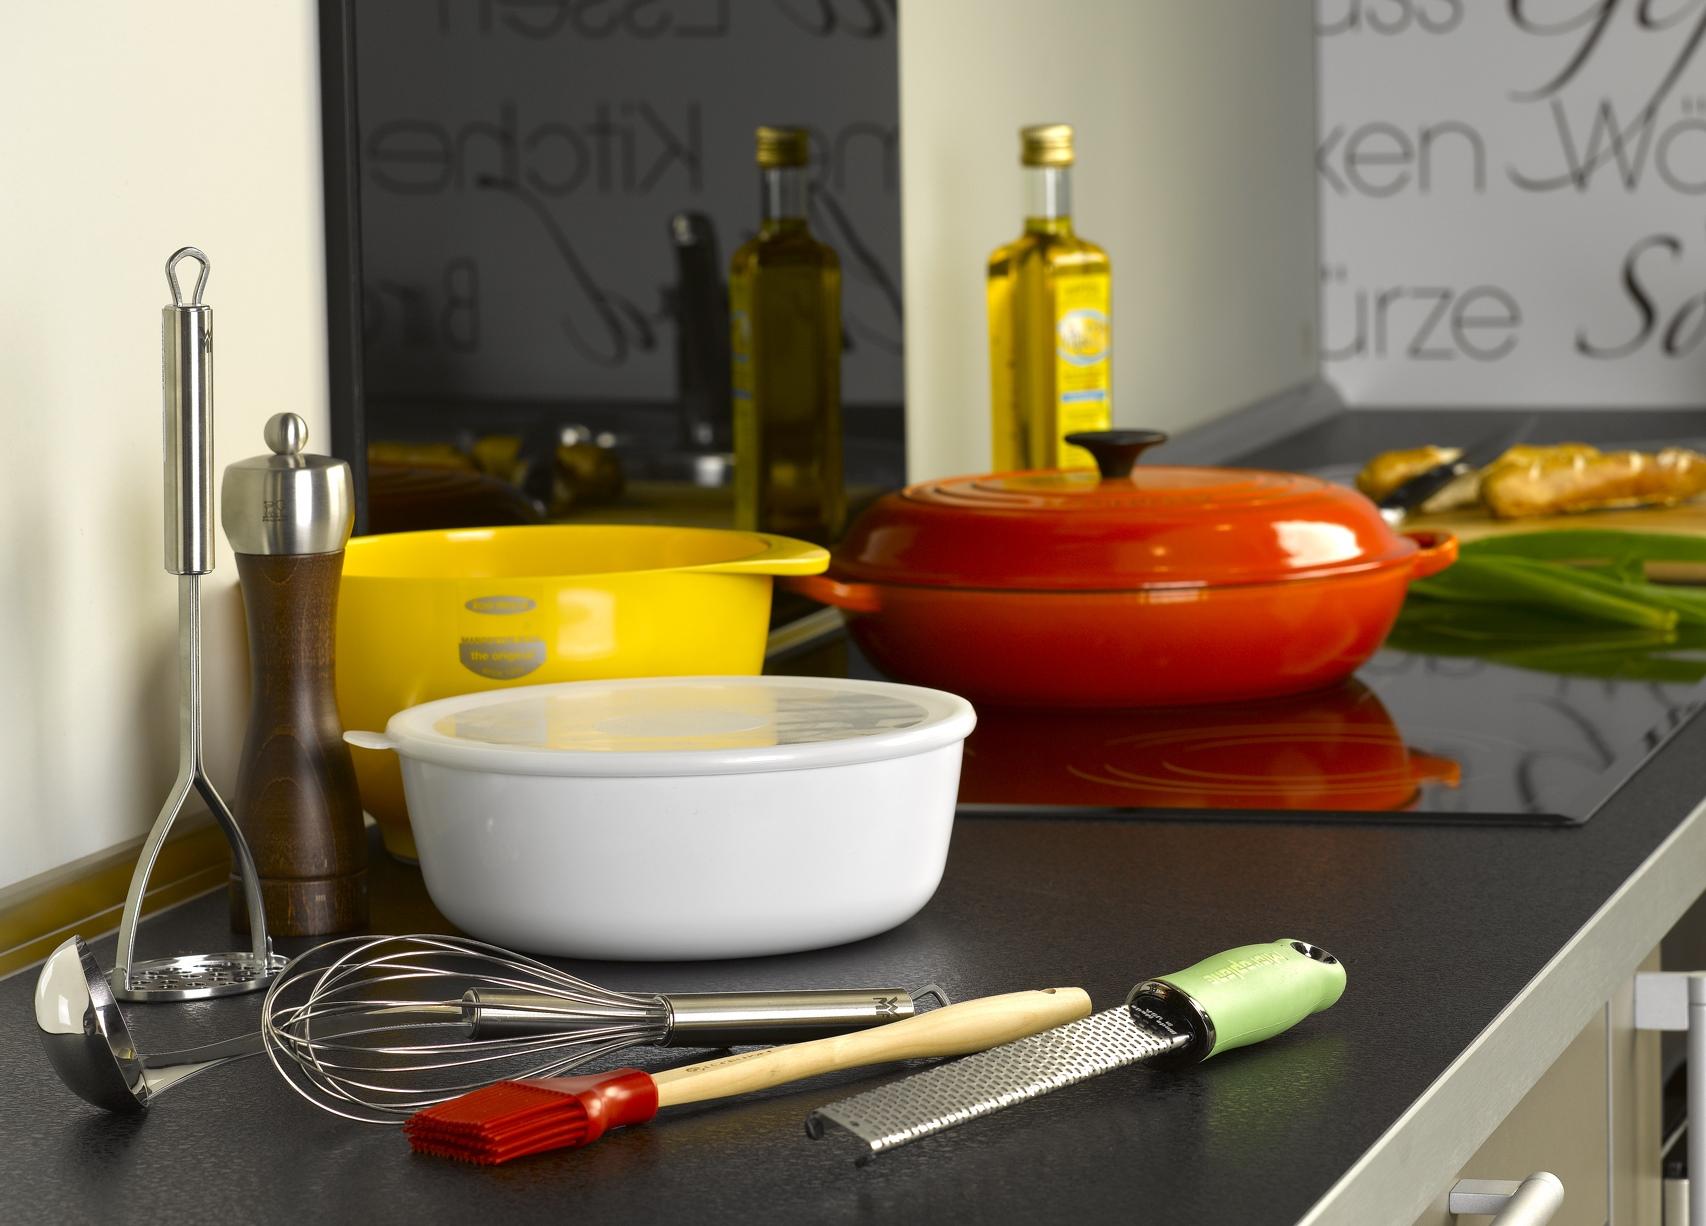 Praktische k chenutensilien kaufen kochen essen wohnen - Kochen essen wohnen ...